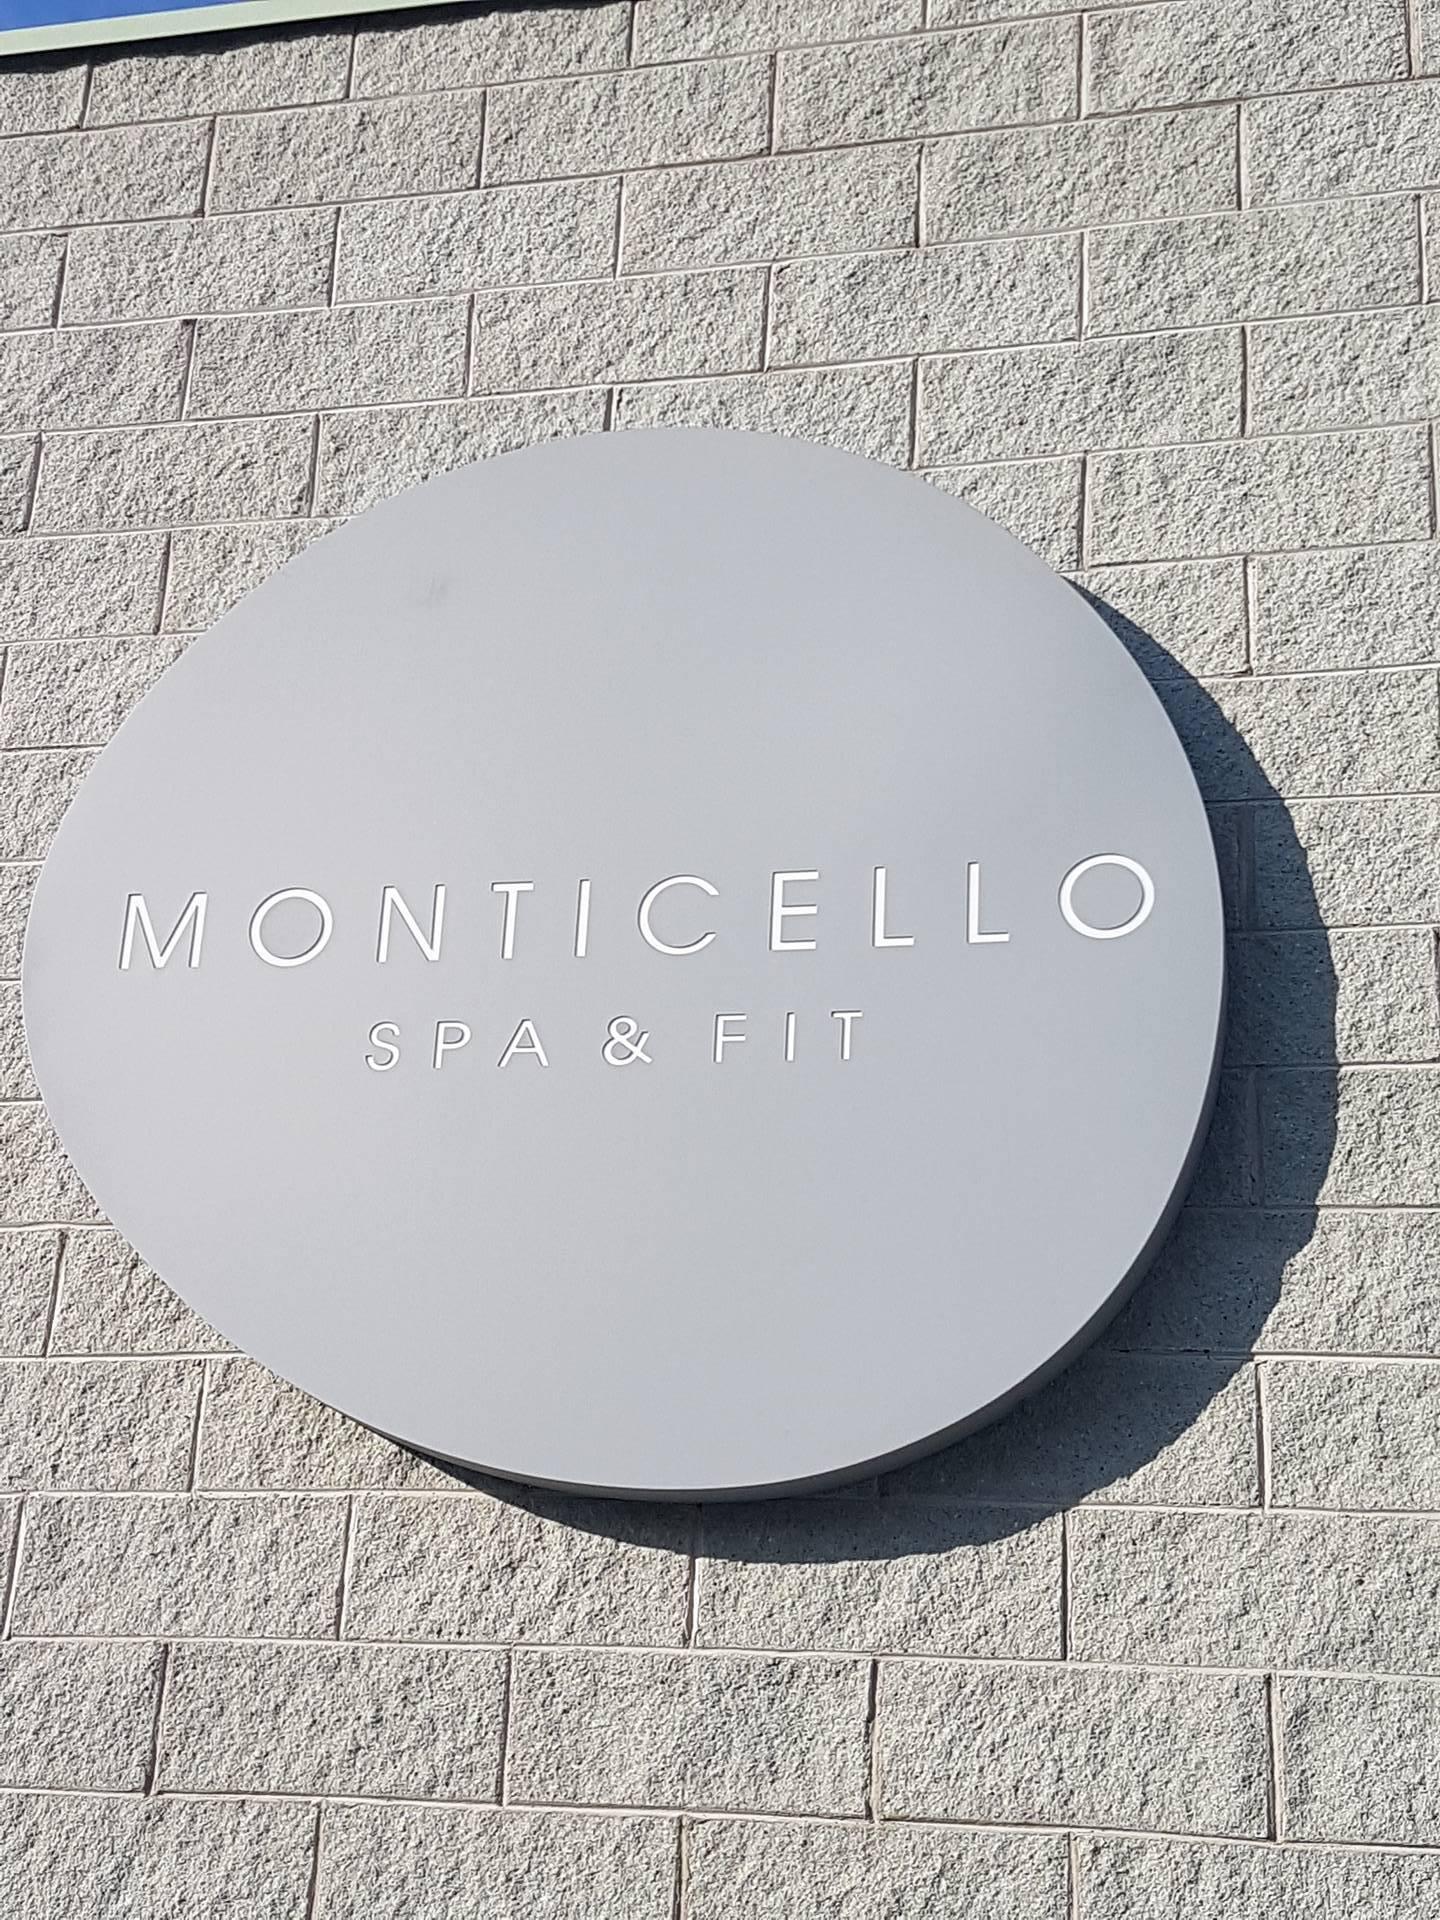 Ingresso-Monticello-Spa